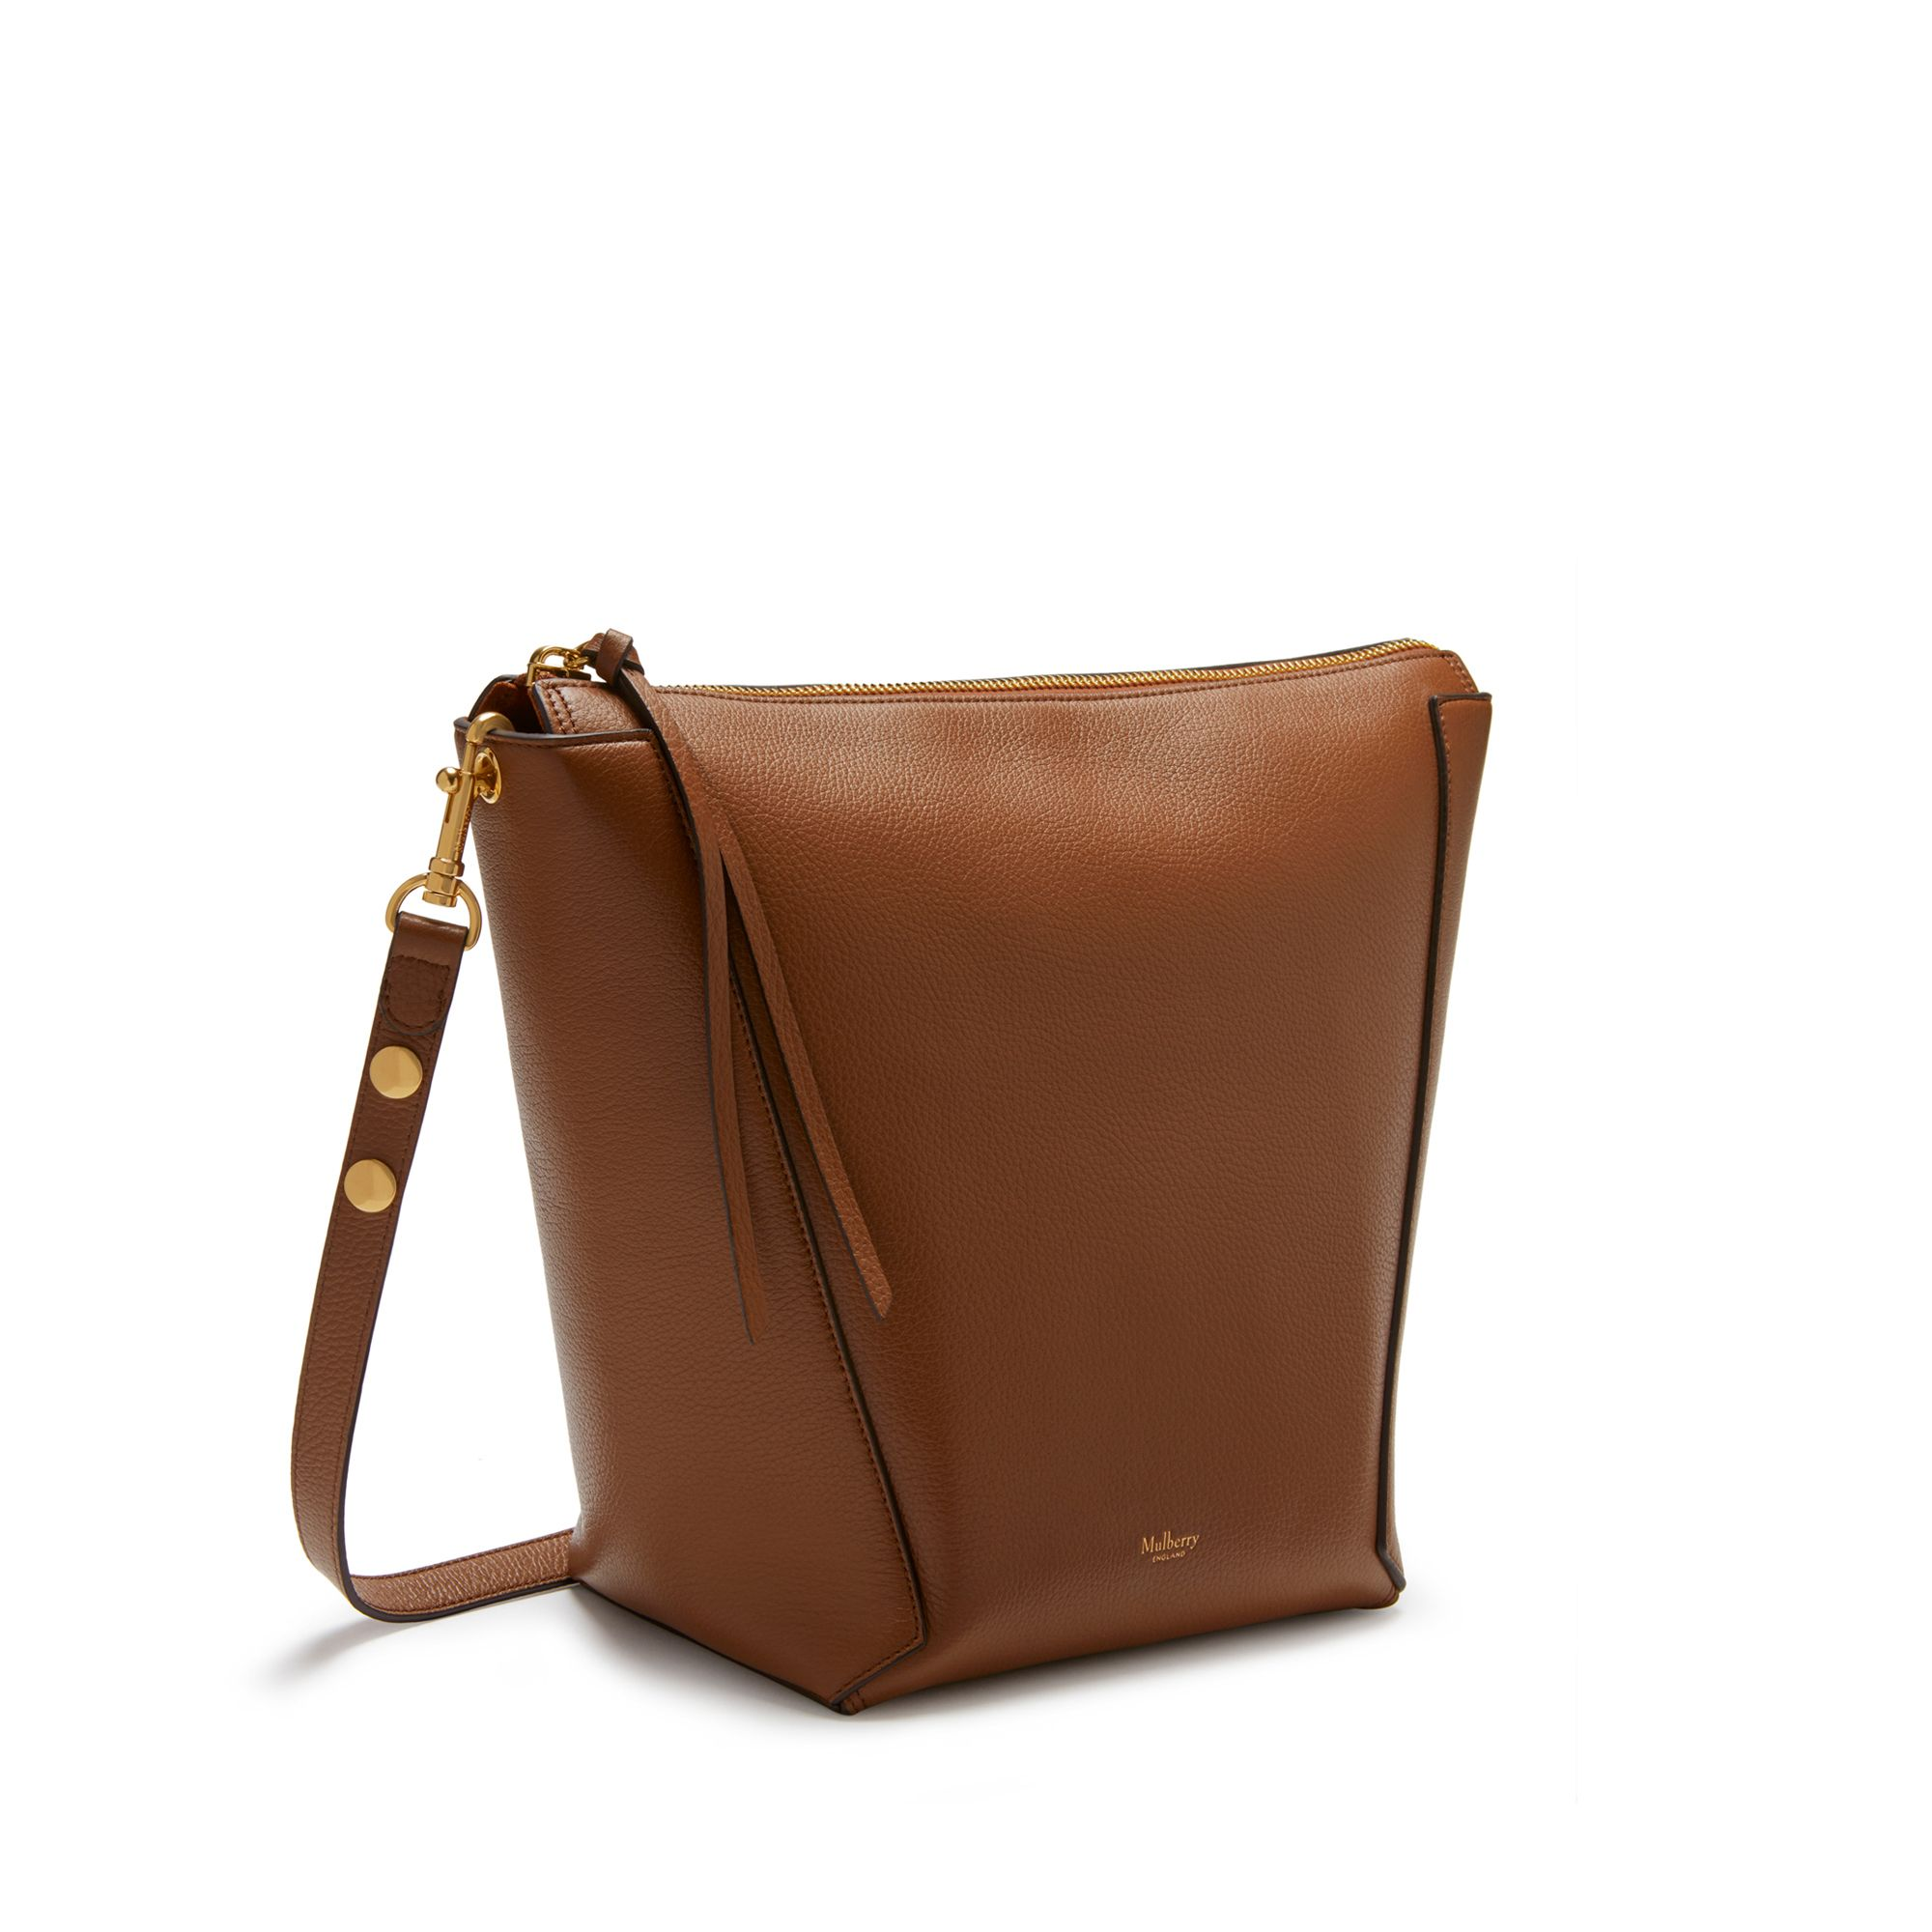 39d5d1b738 Shoulder Bags